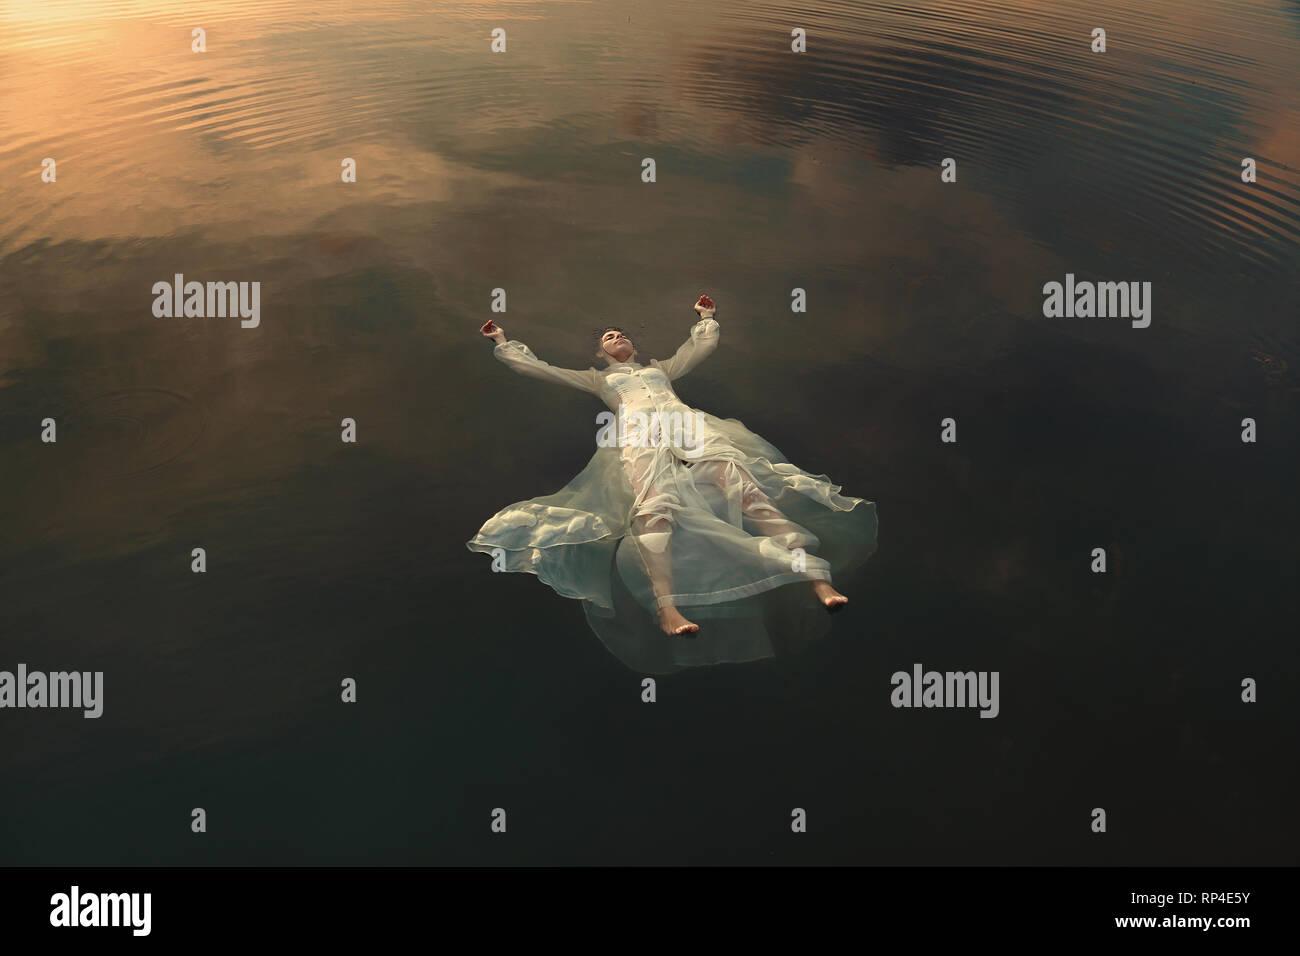 Fanciulla morta galleggiante nella acque del lago Foto Stock